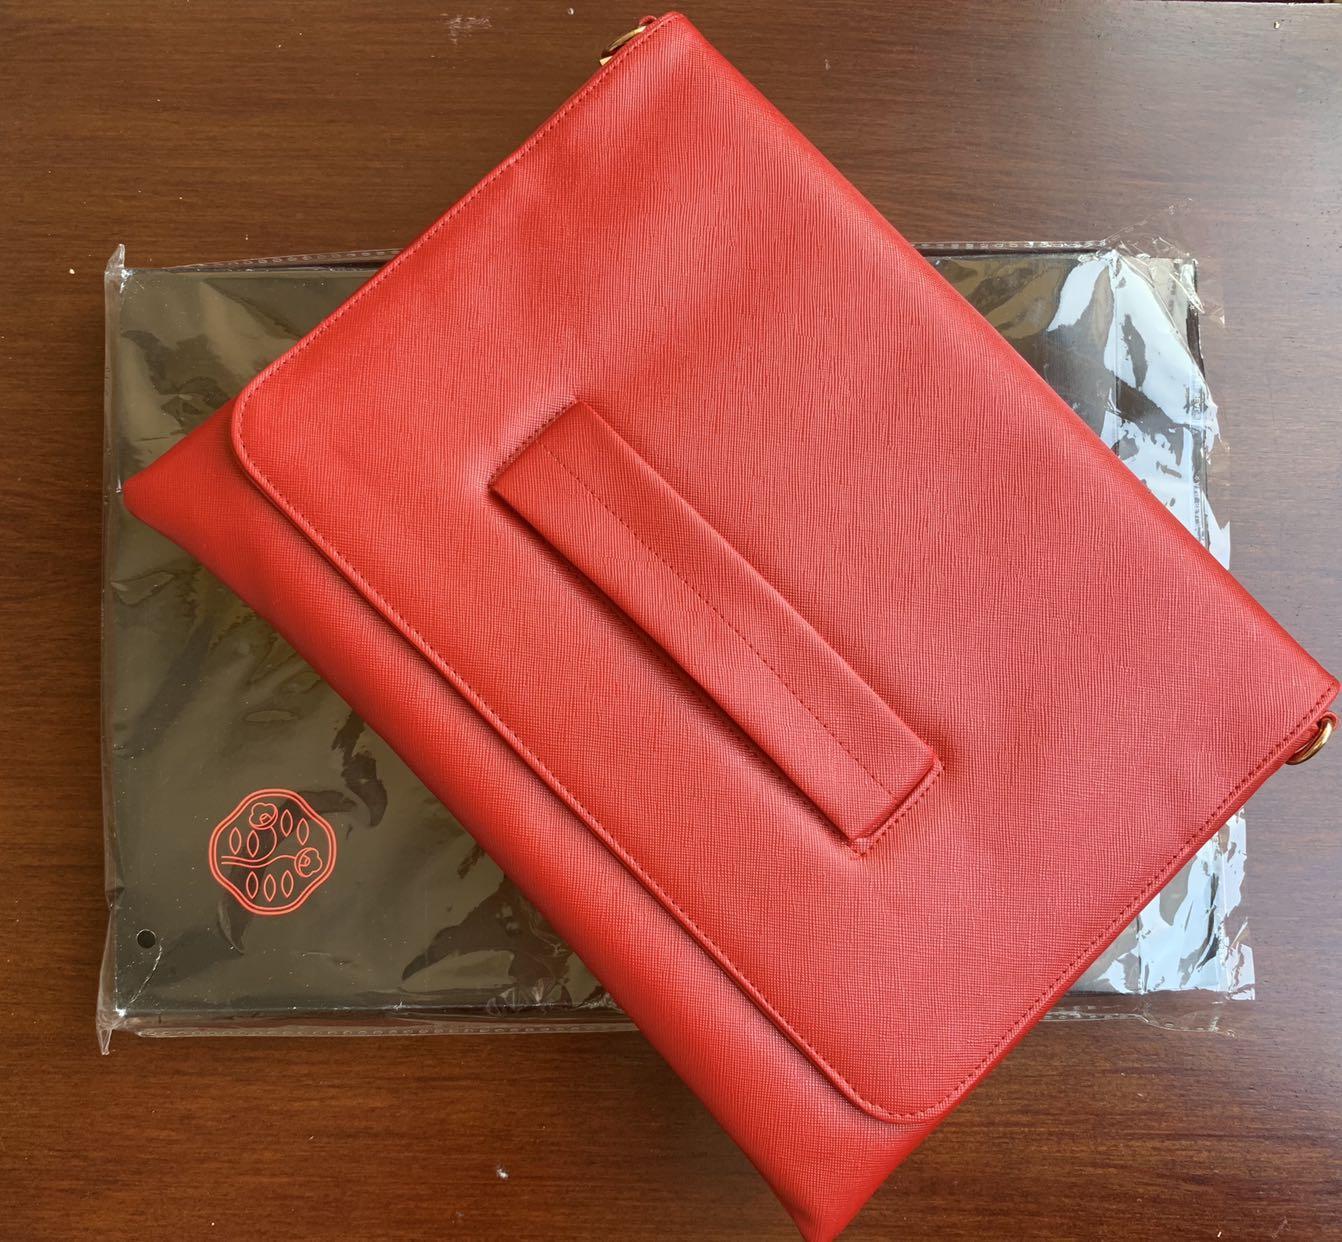 Baru Shiseido bag two ways Original